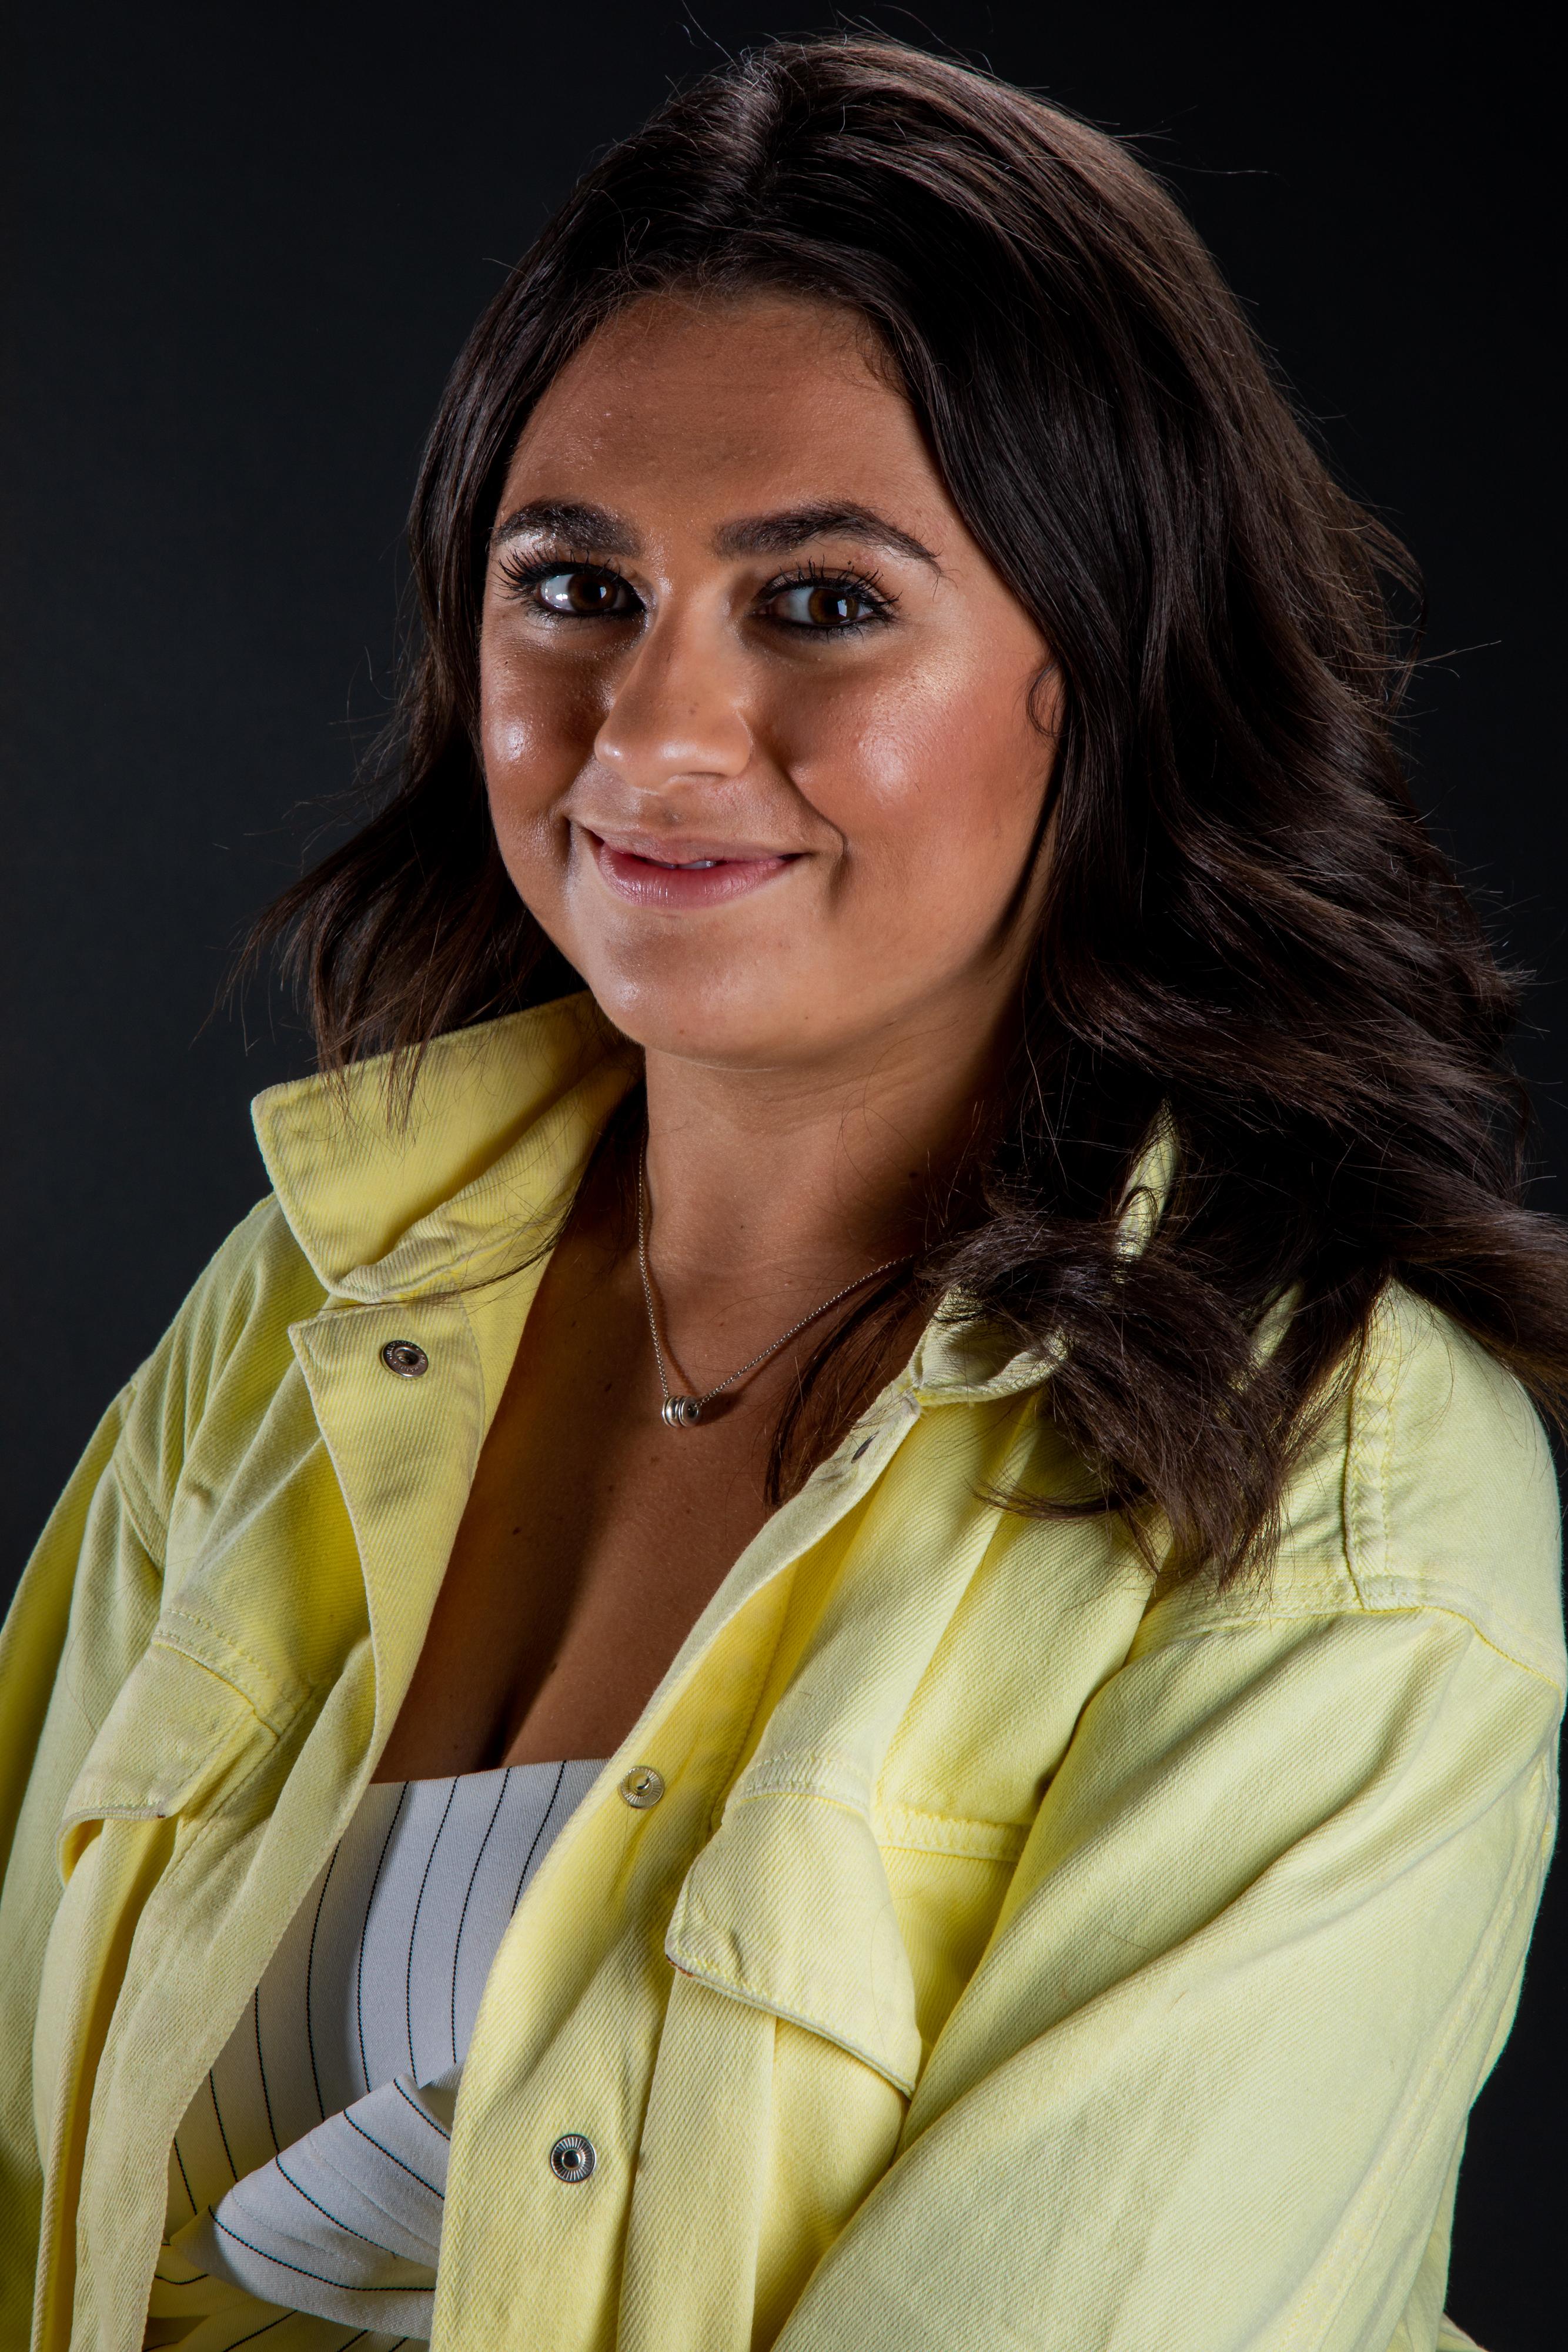 Julianna D'Urzo